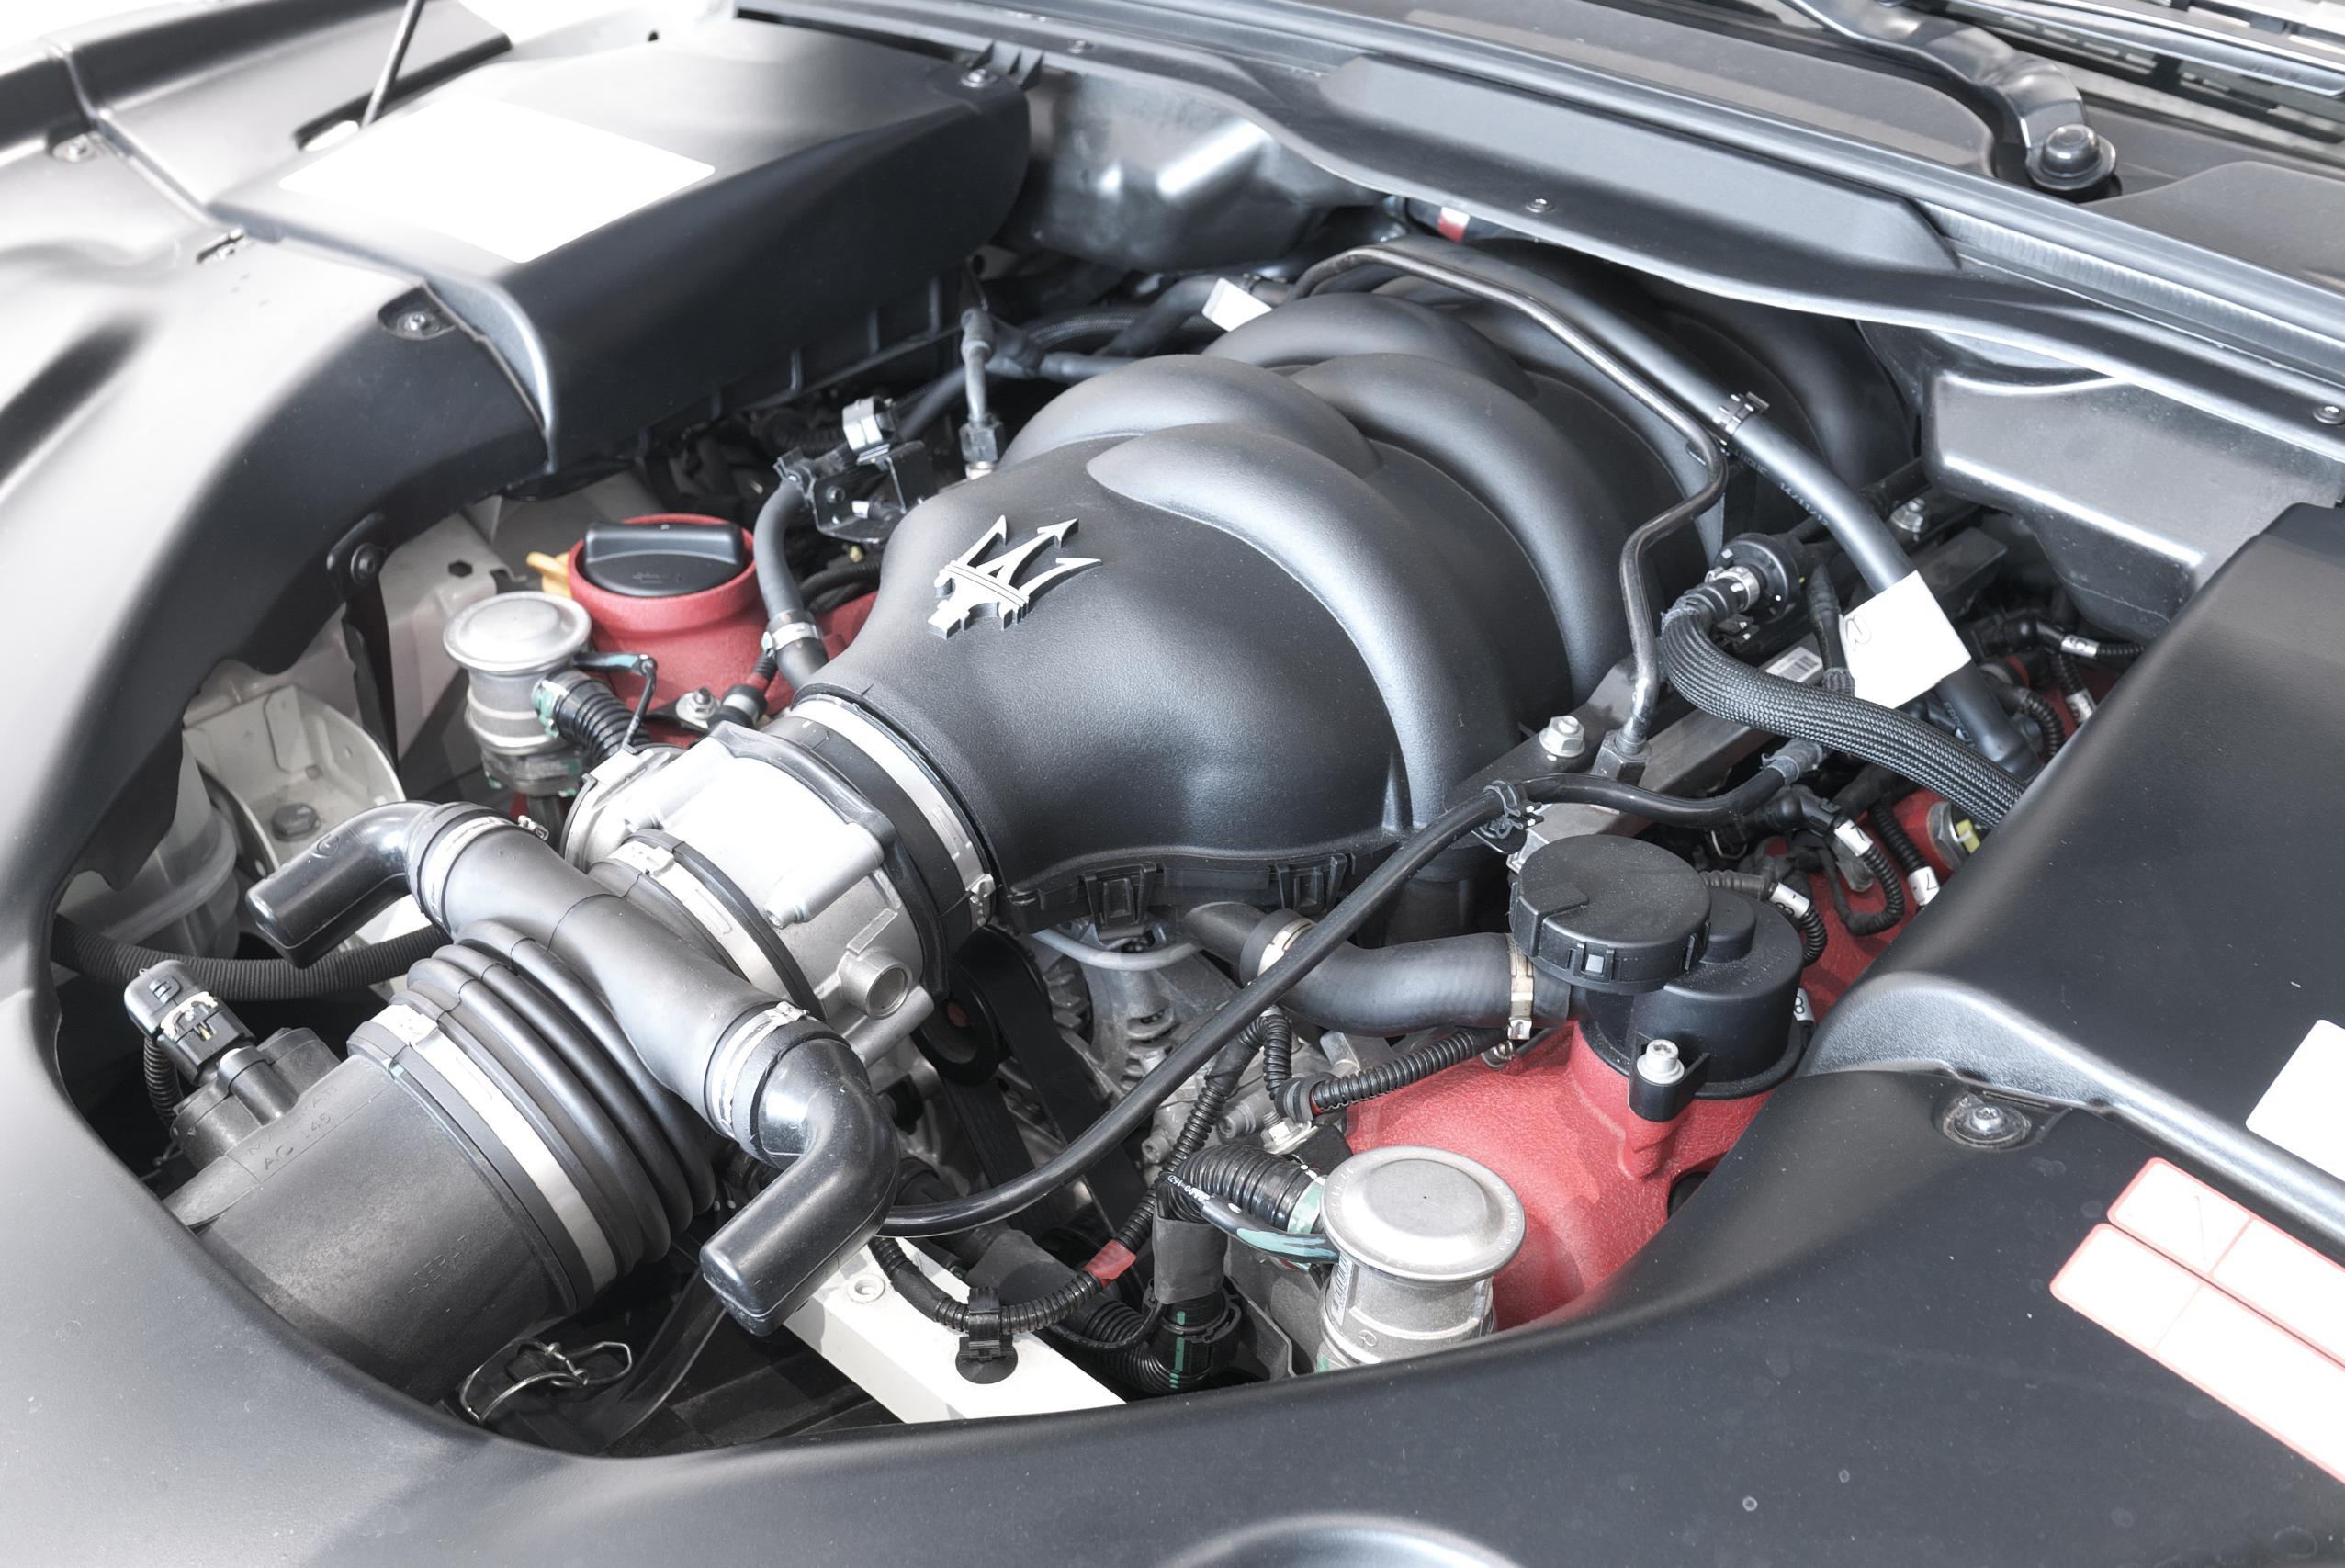 マセラティ グラントゥーリズモ MC ストラダーレ V8エンジン